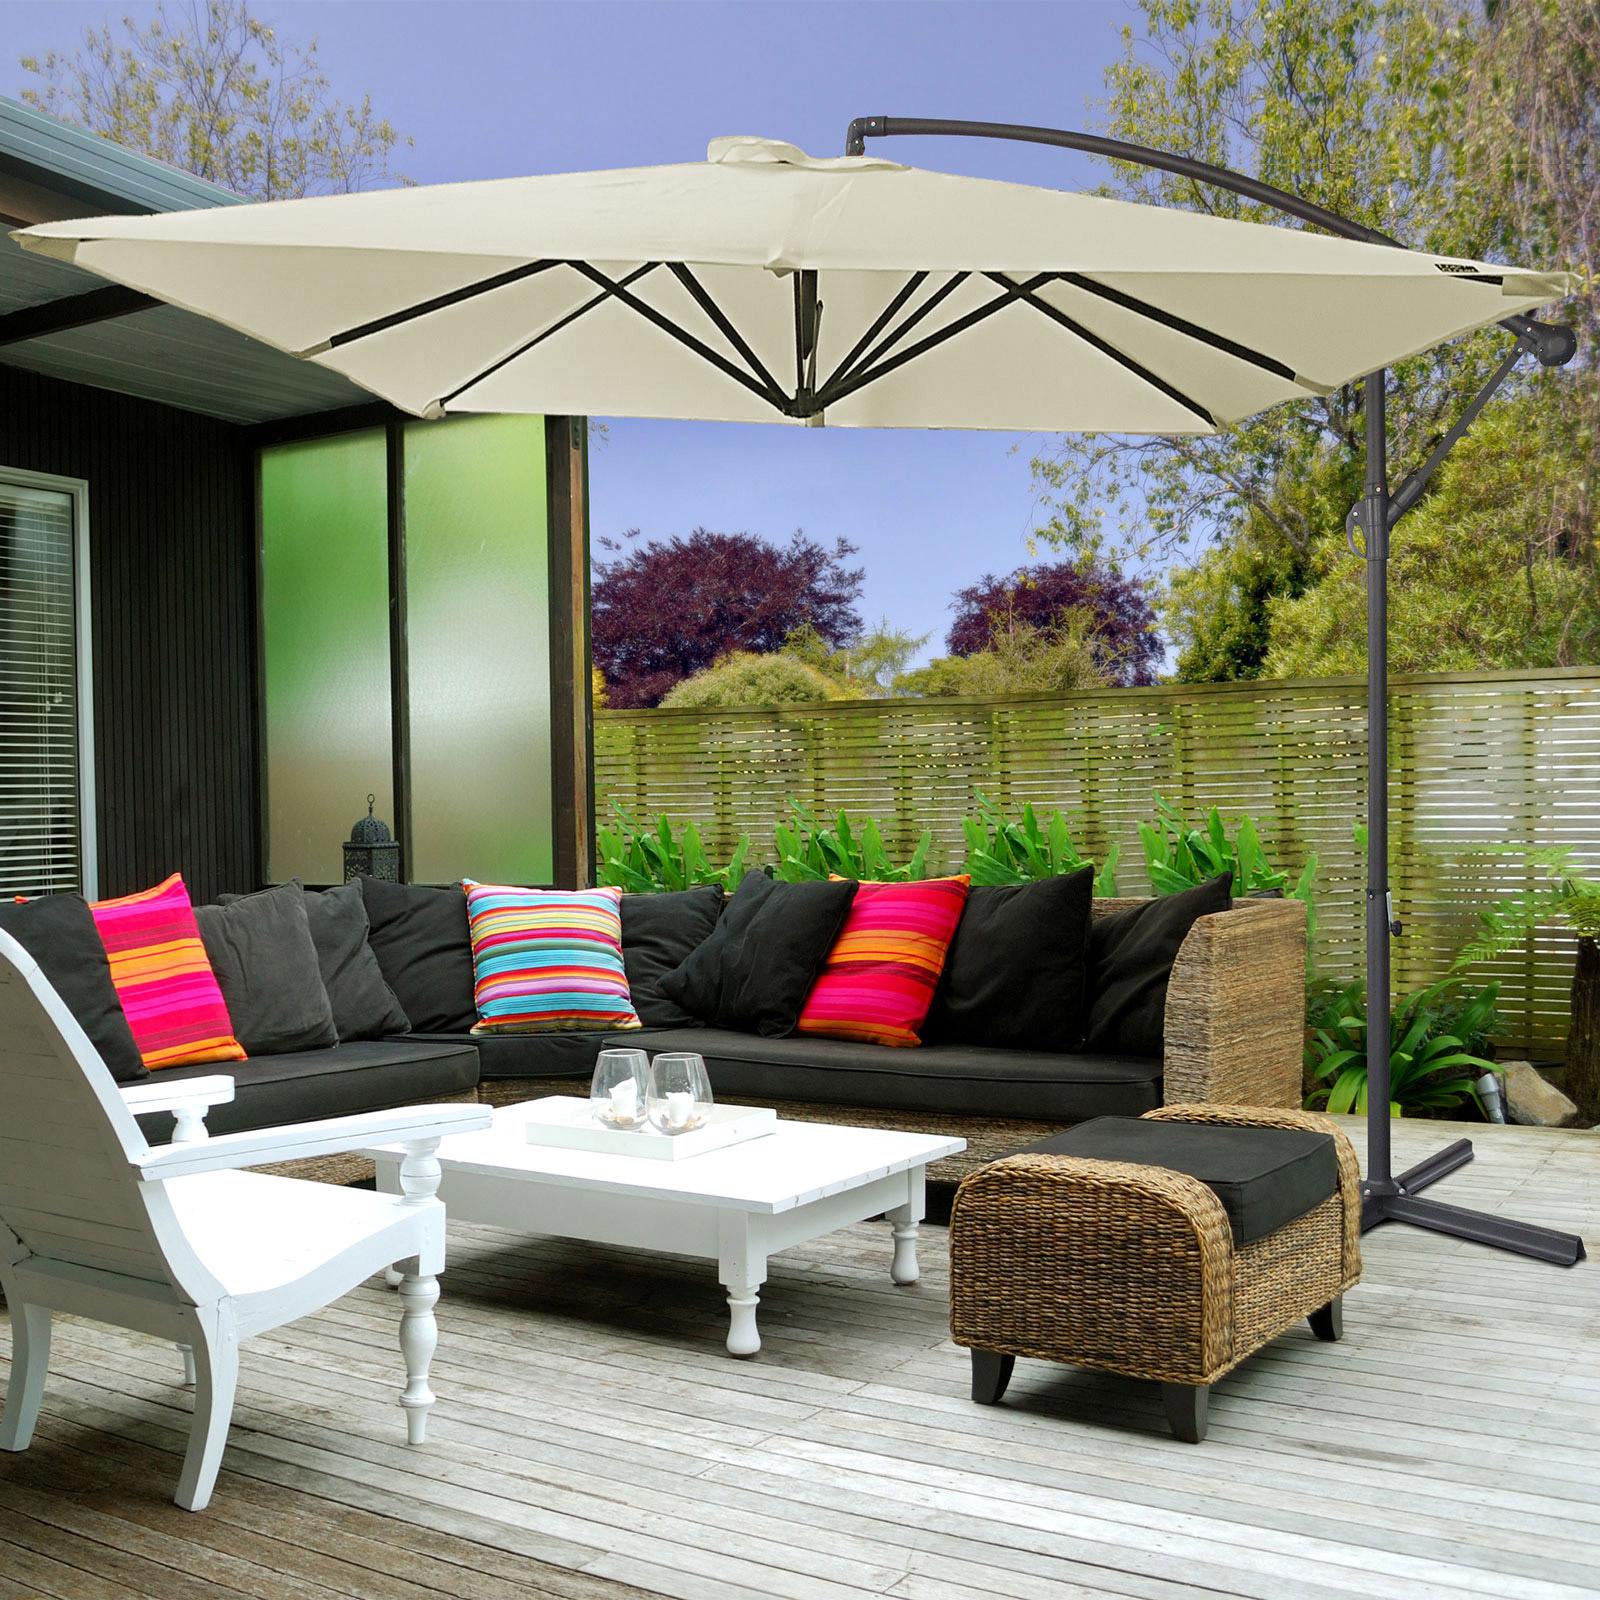 Milano-2-2M-Outdoor-Umbrella-Cantilever-Garden-Deck-Patio-Shade-Water-Resistant thumbnail 5